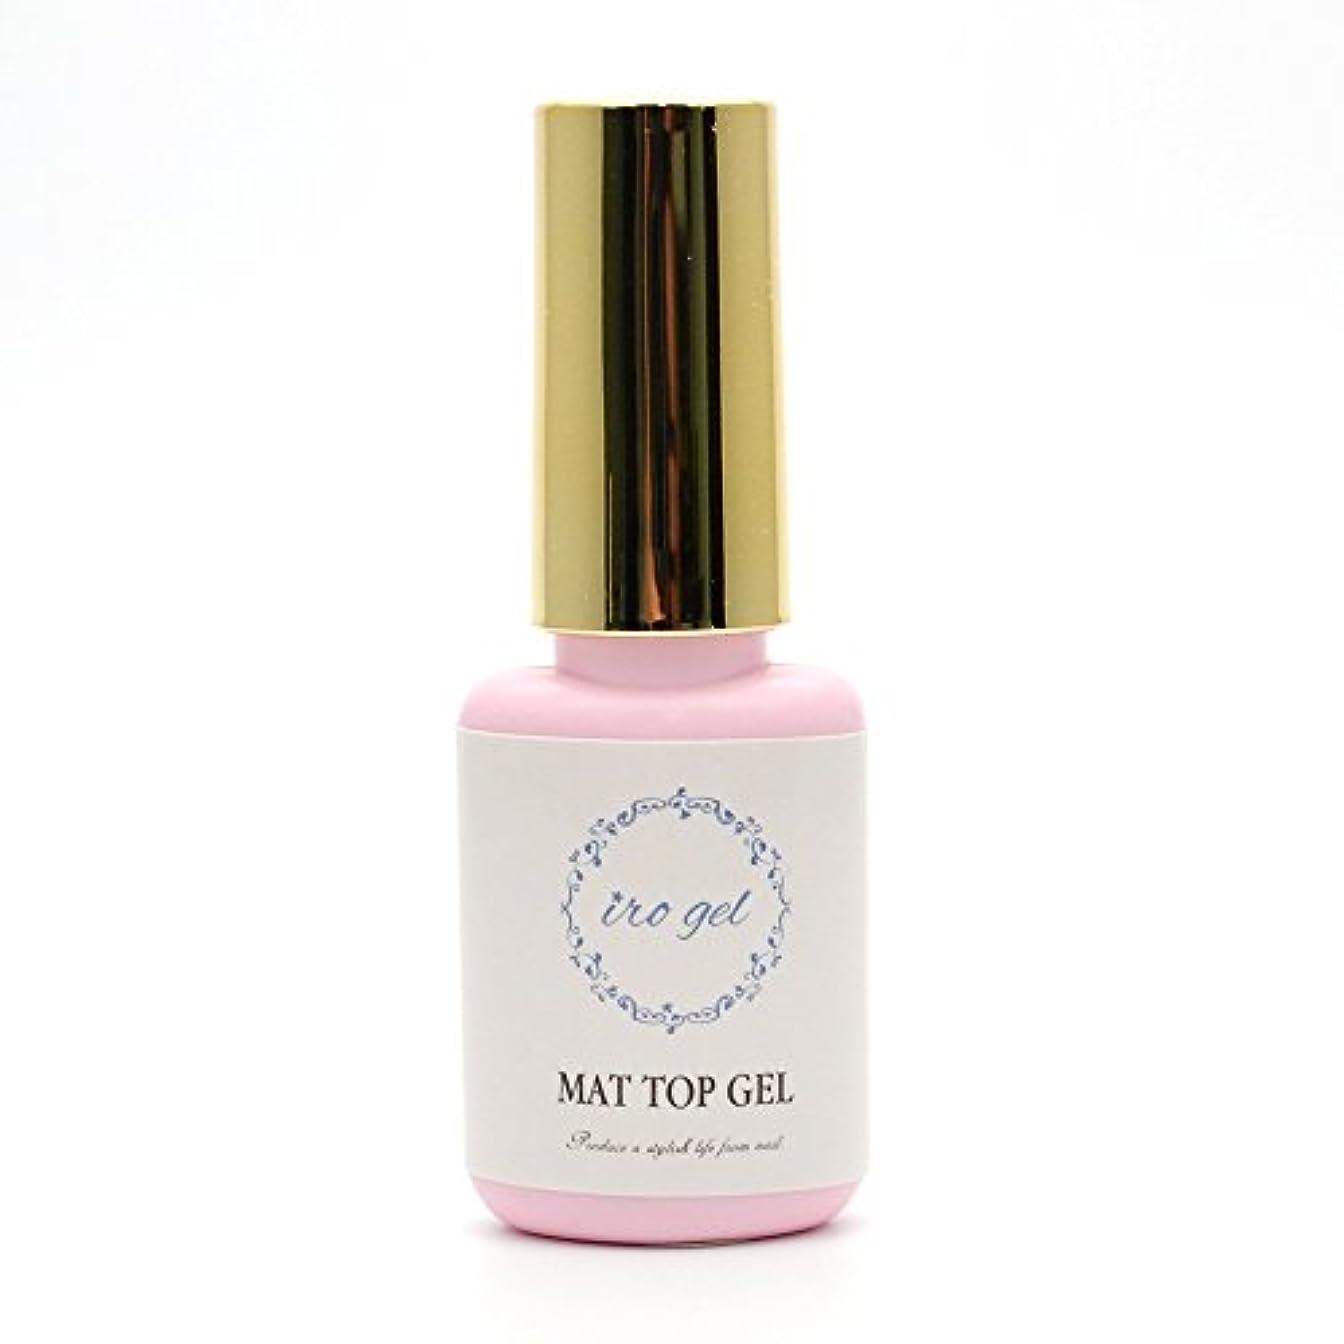 ゼリー藤色装置irogel 【水色ラベル】 マットトップジェル 拭き取り不要 ノンワイプベロアトップコート